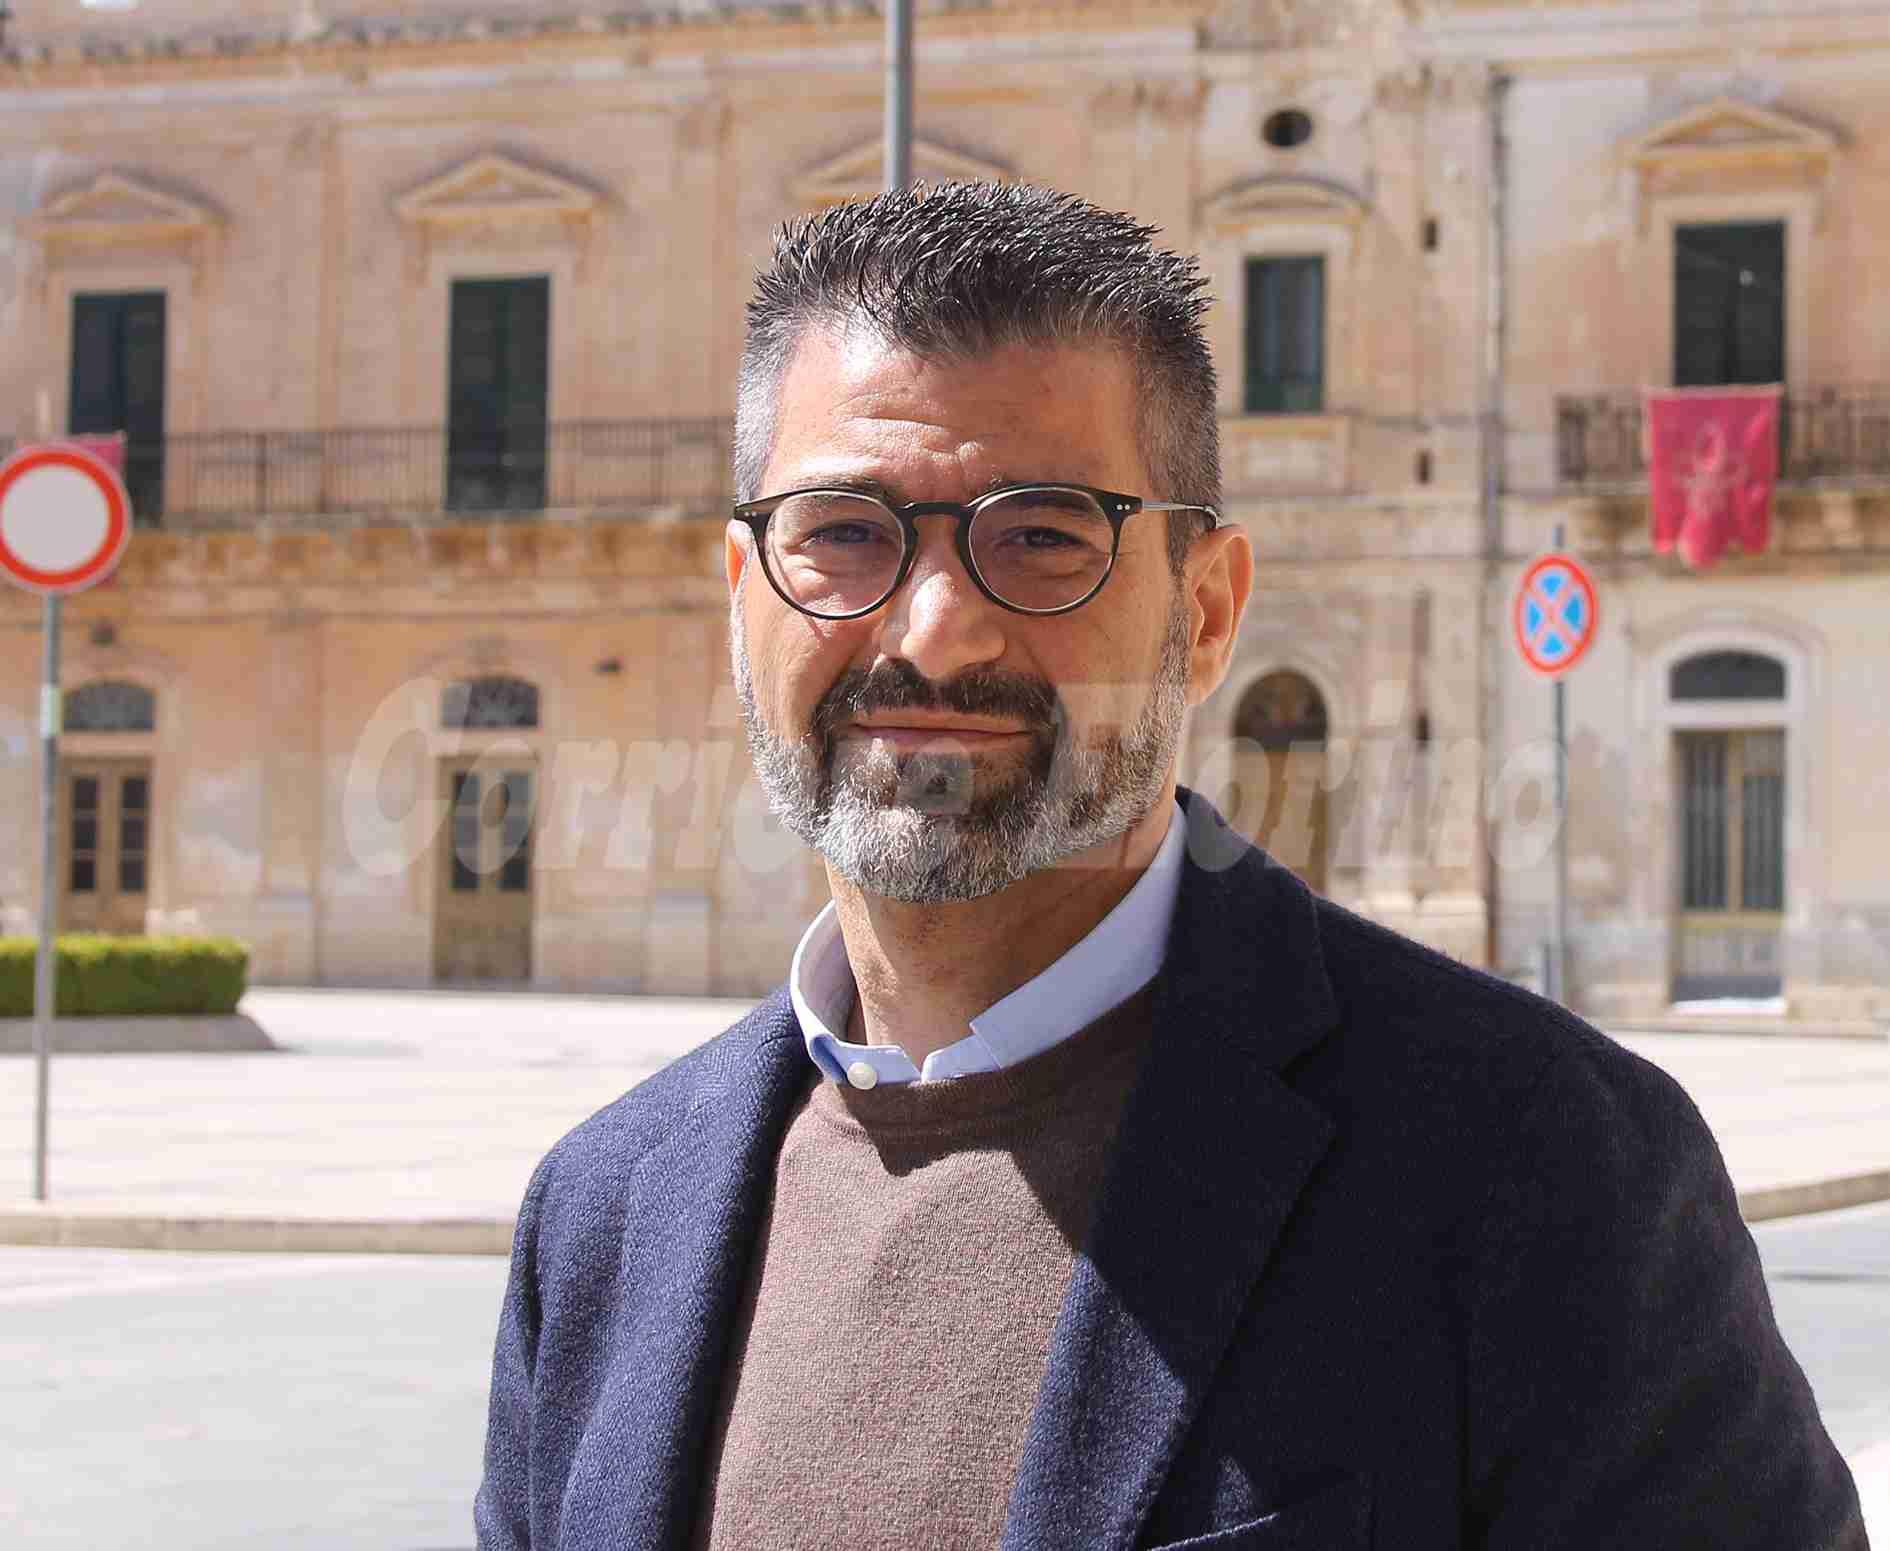 Colpo di scena, Saro Cavallo verso il ritiro della candidatura a sindaco